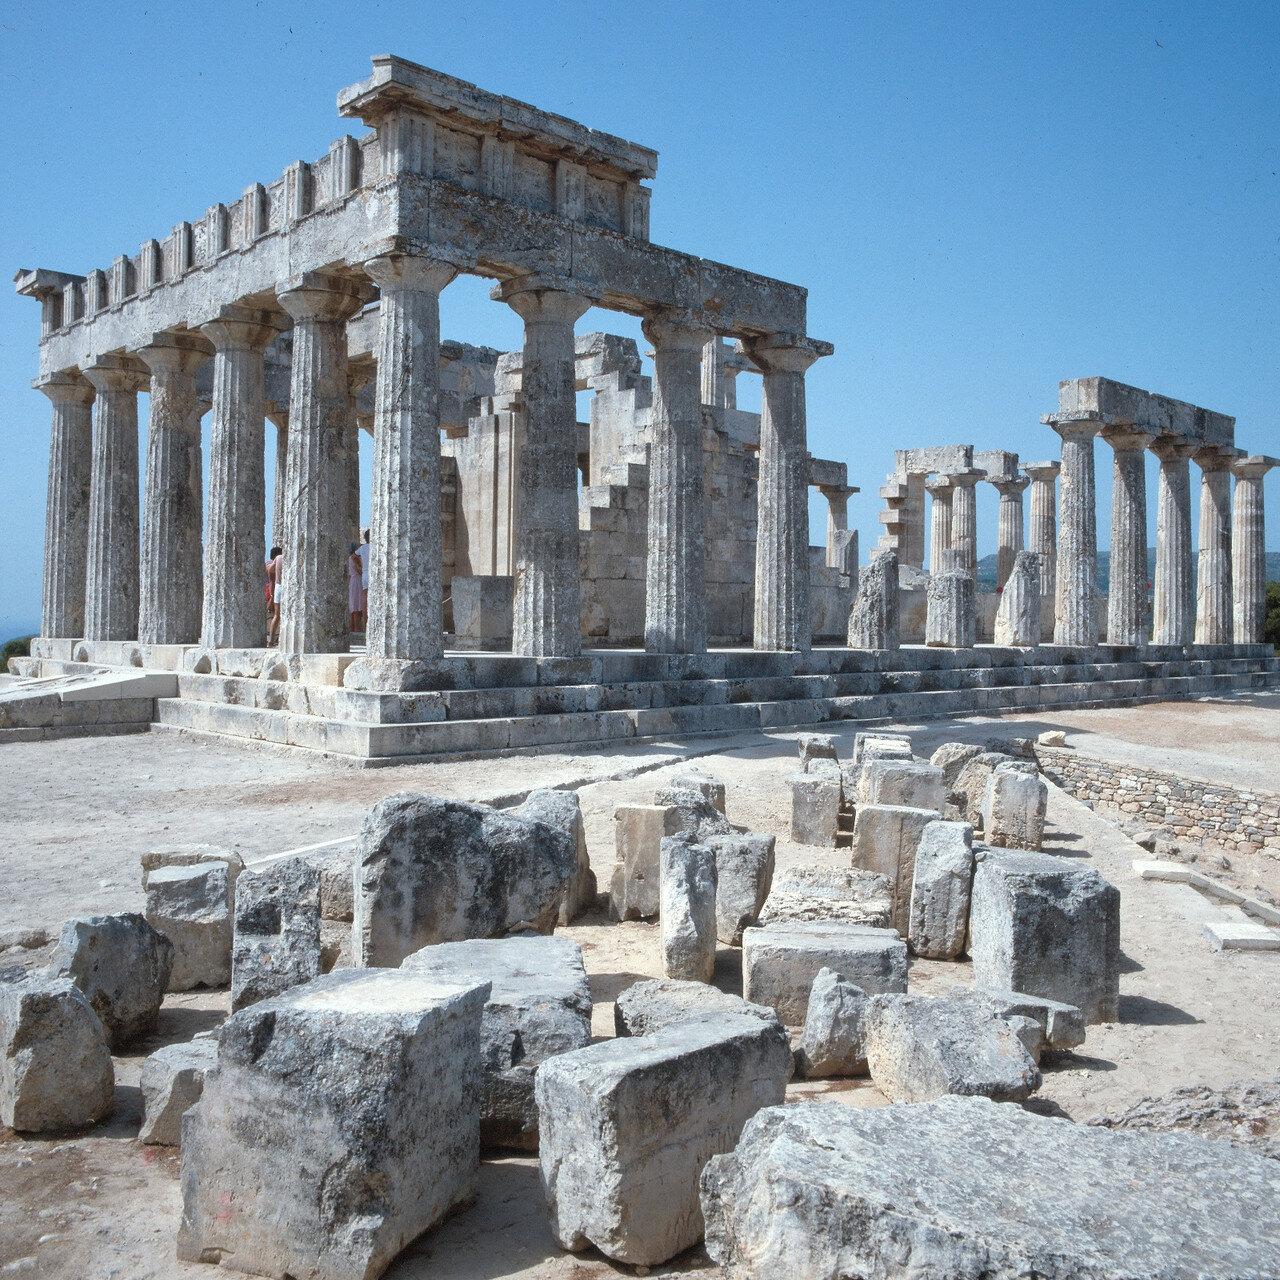 09. Храм был периптеральный, с числом колонн 6x12, и стоял на трехступенчатом основании размером 13,79 x 28,50 м по стилобату. На снимке: Вид с северо-востока